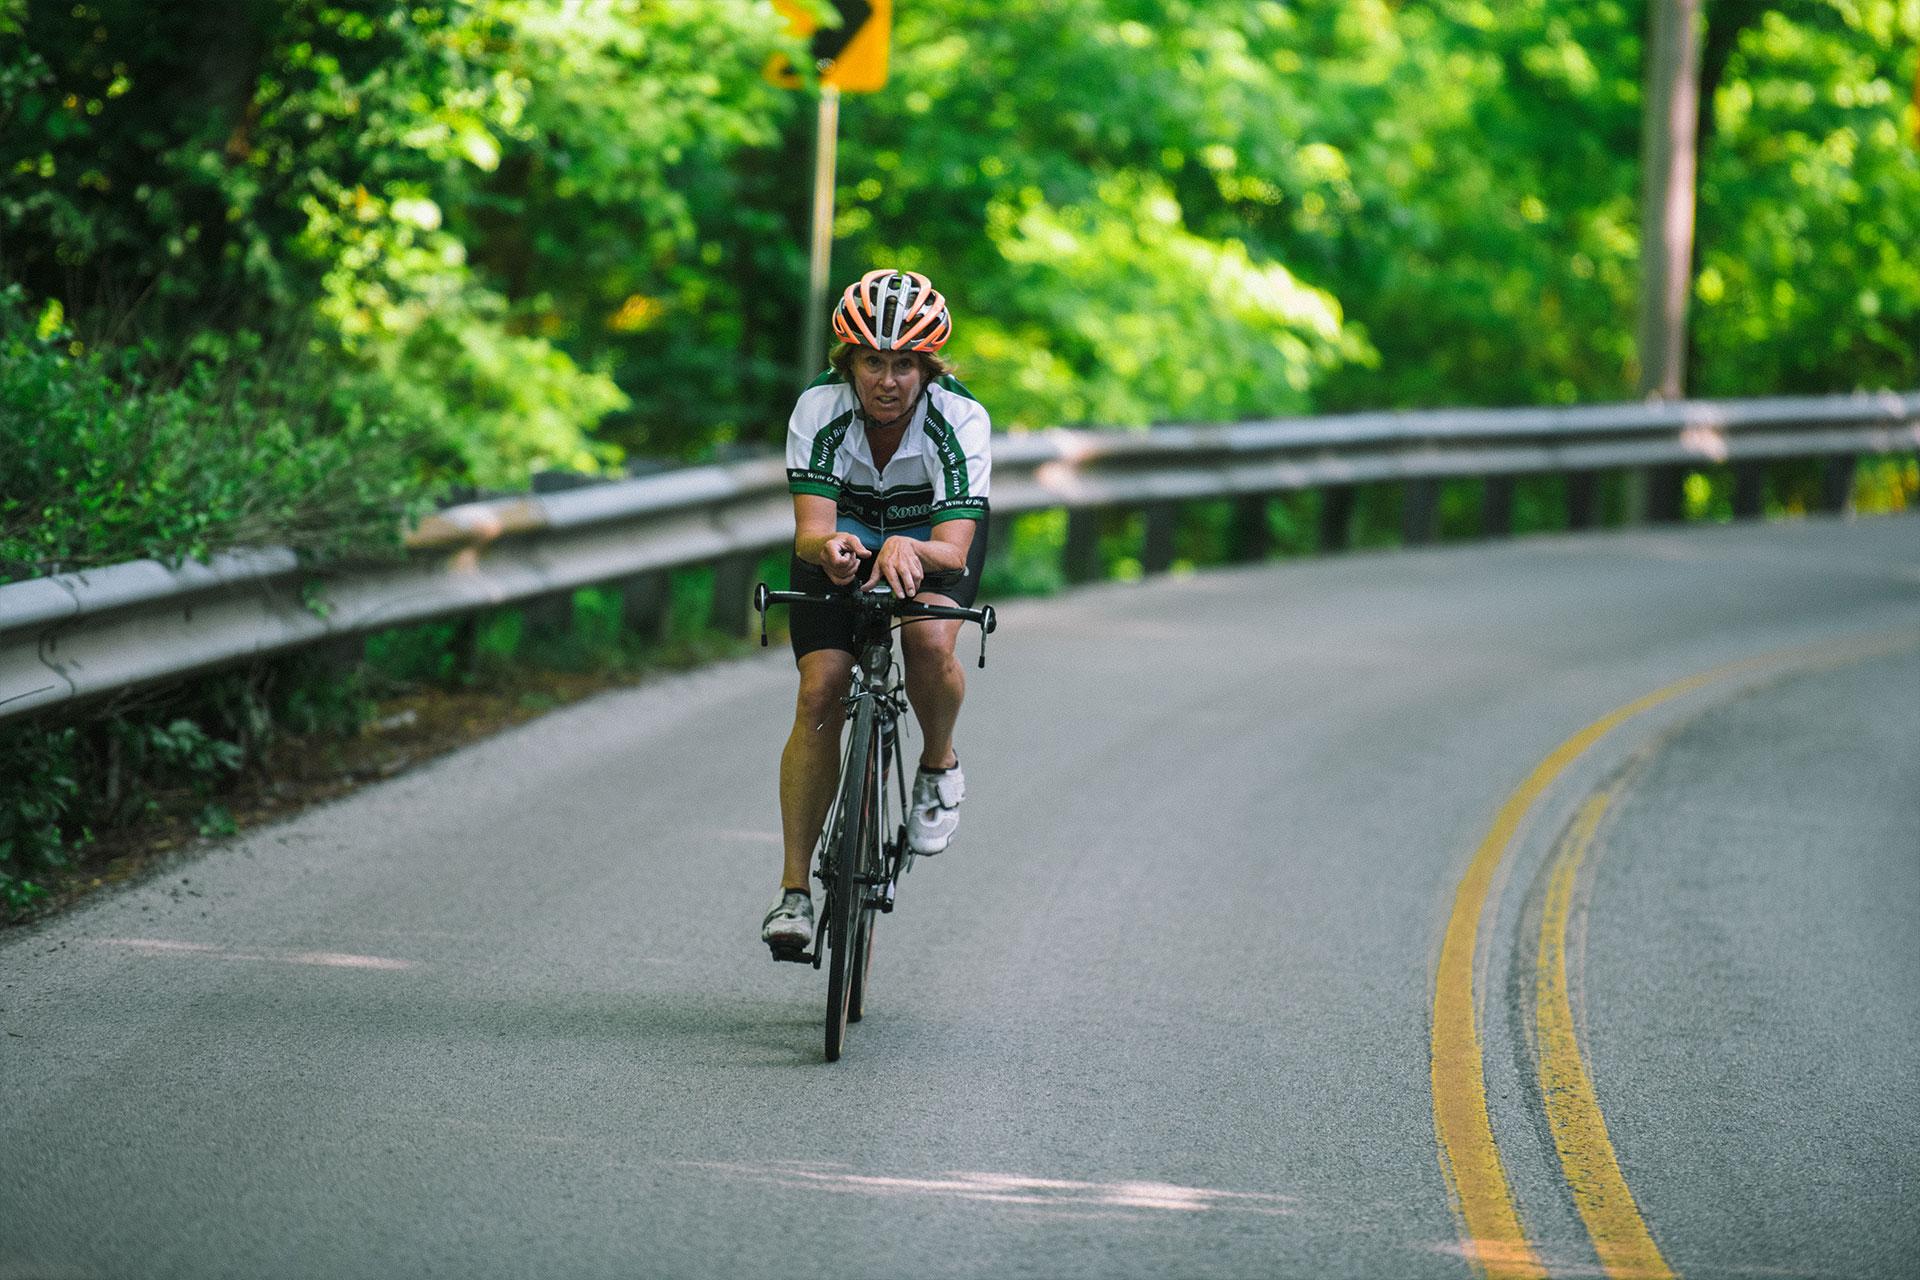 Patty bikes down a road outside.